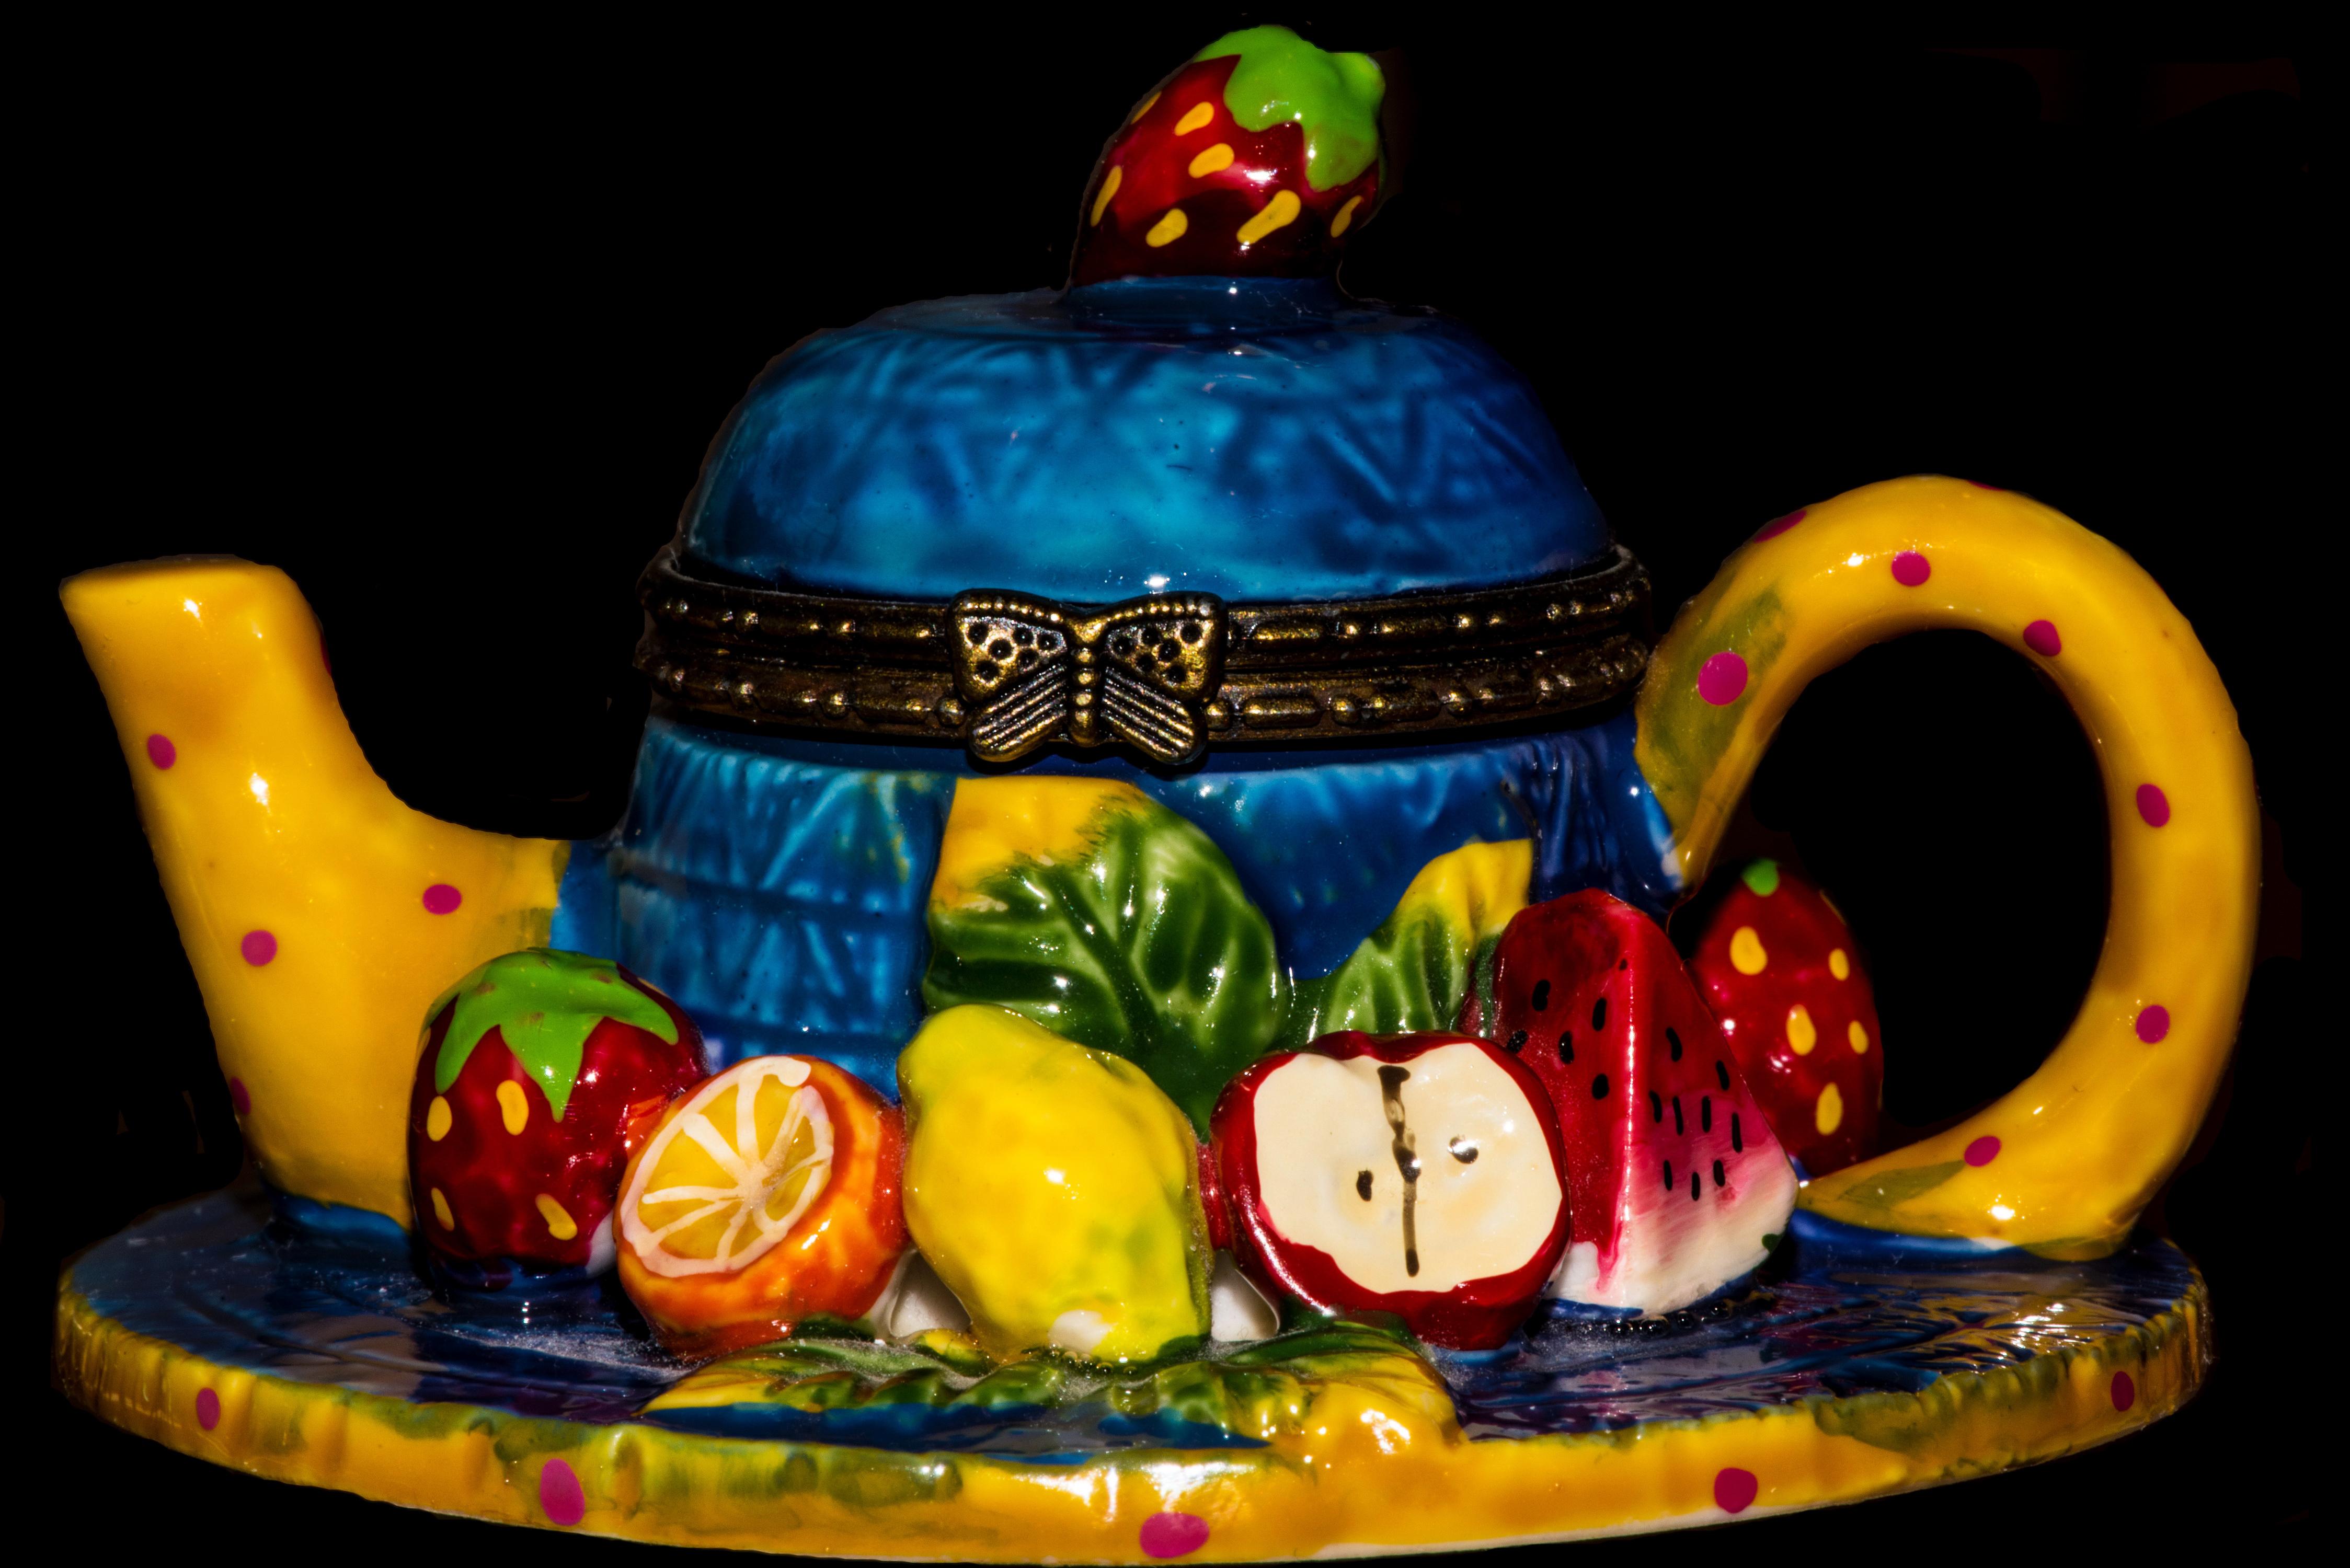 Обои для рабочего стола Торты Чайник Еда Фрукты Черный фон сладкая еда дизайна Пища Продукты питания Сладости на черном фоне Дизайн